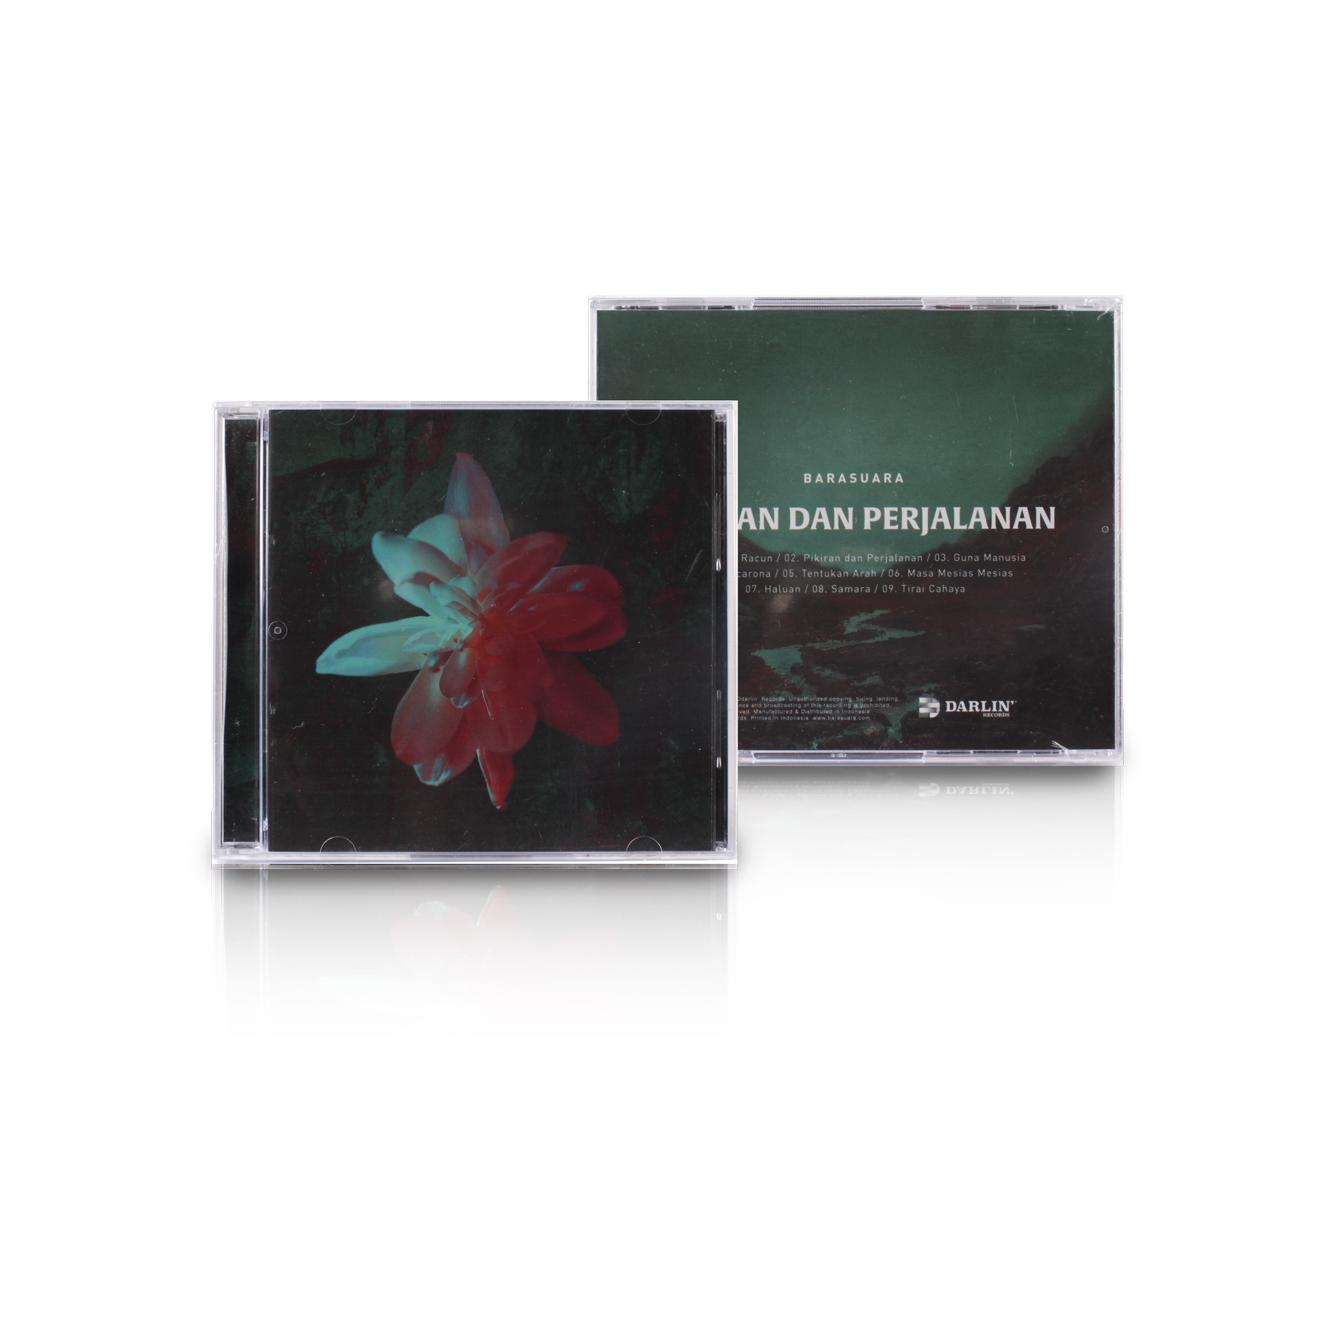 CD Pikiran dan Perjalanan